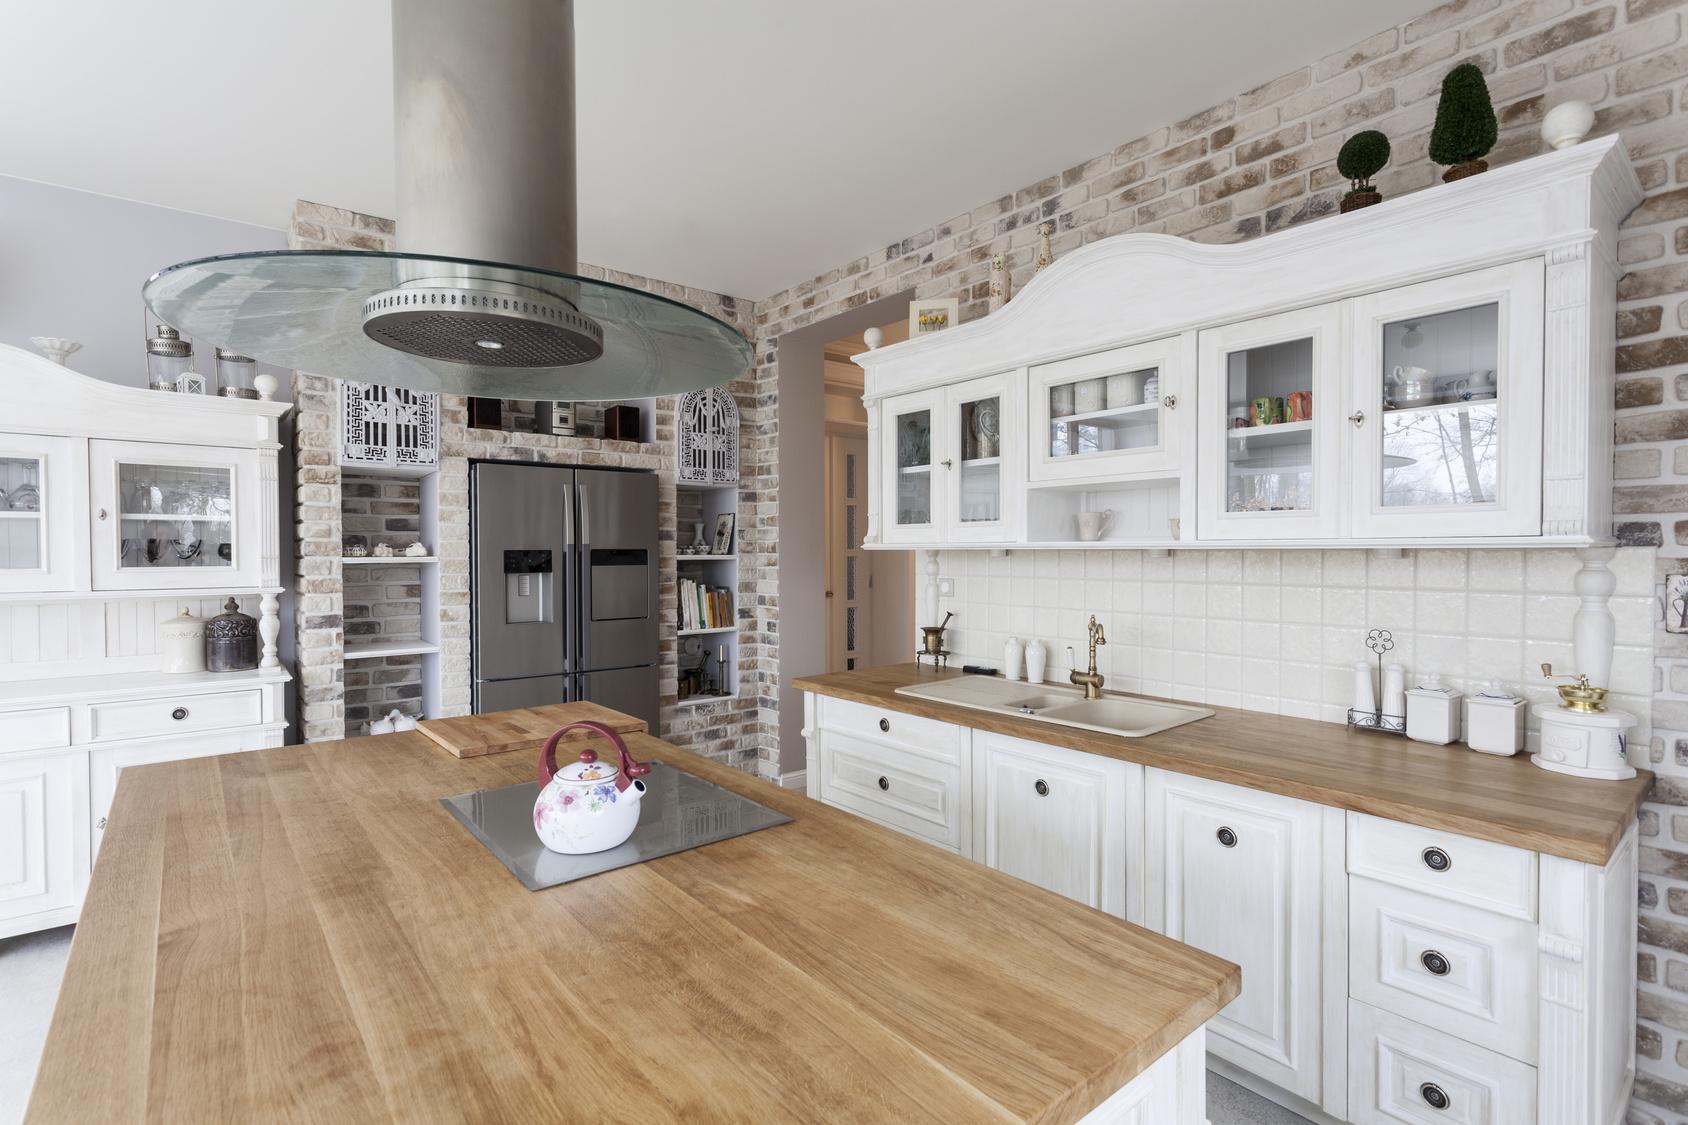 Müssen Landhausküchen immer aus Echtholz sein?